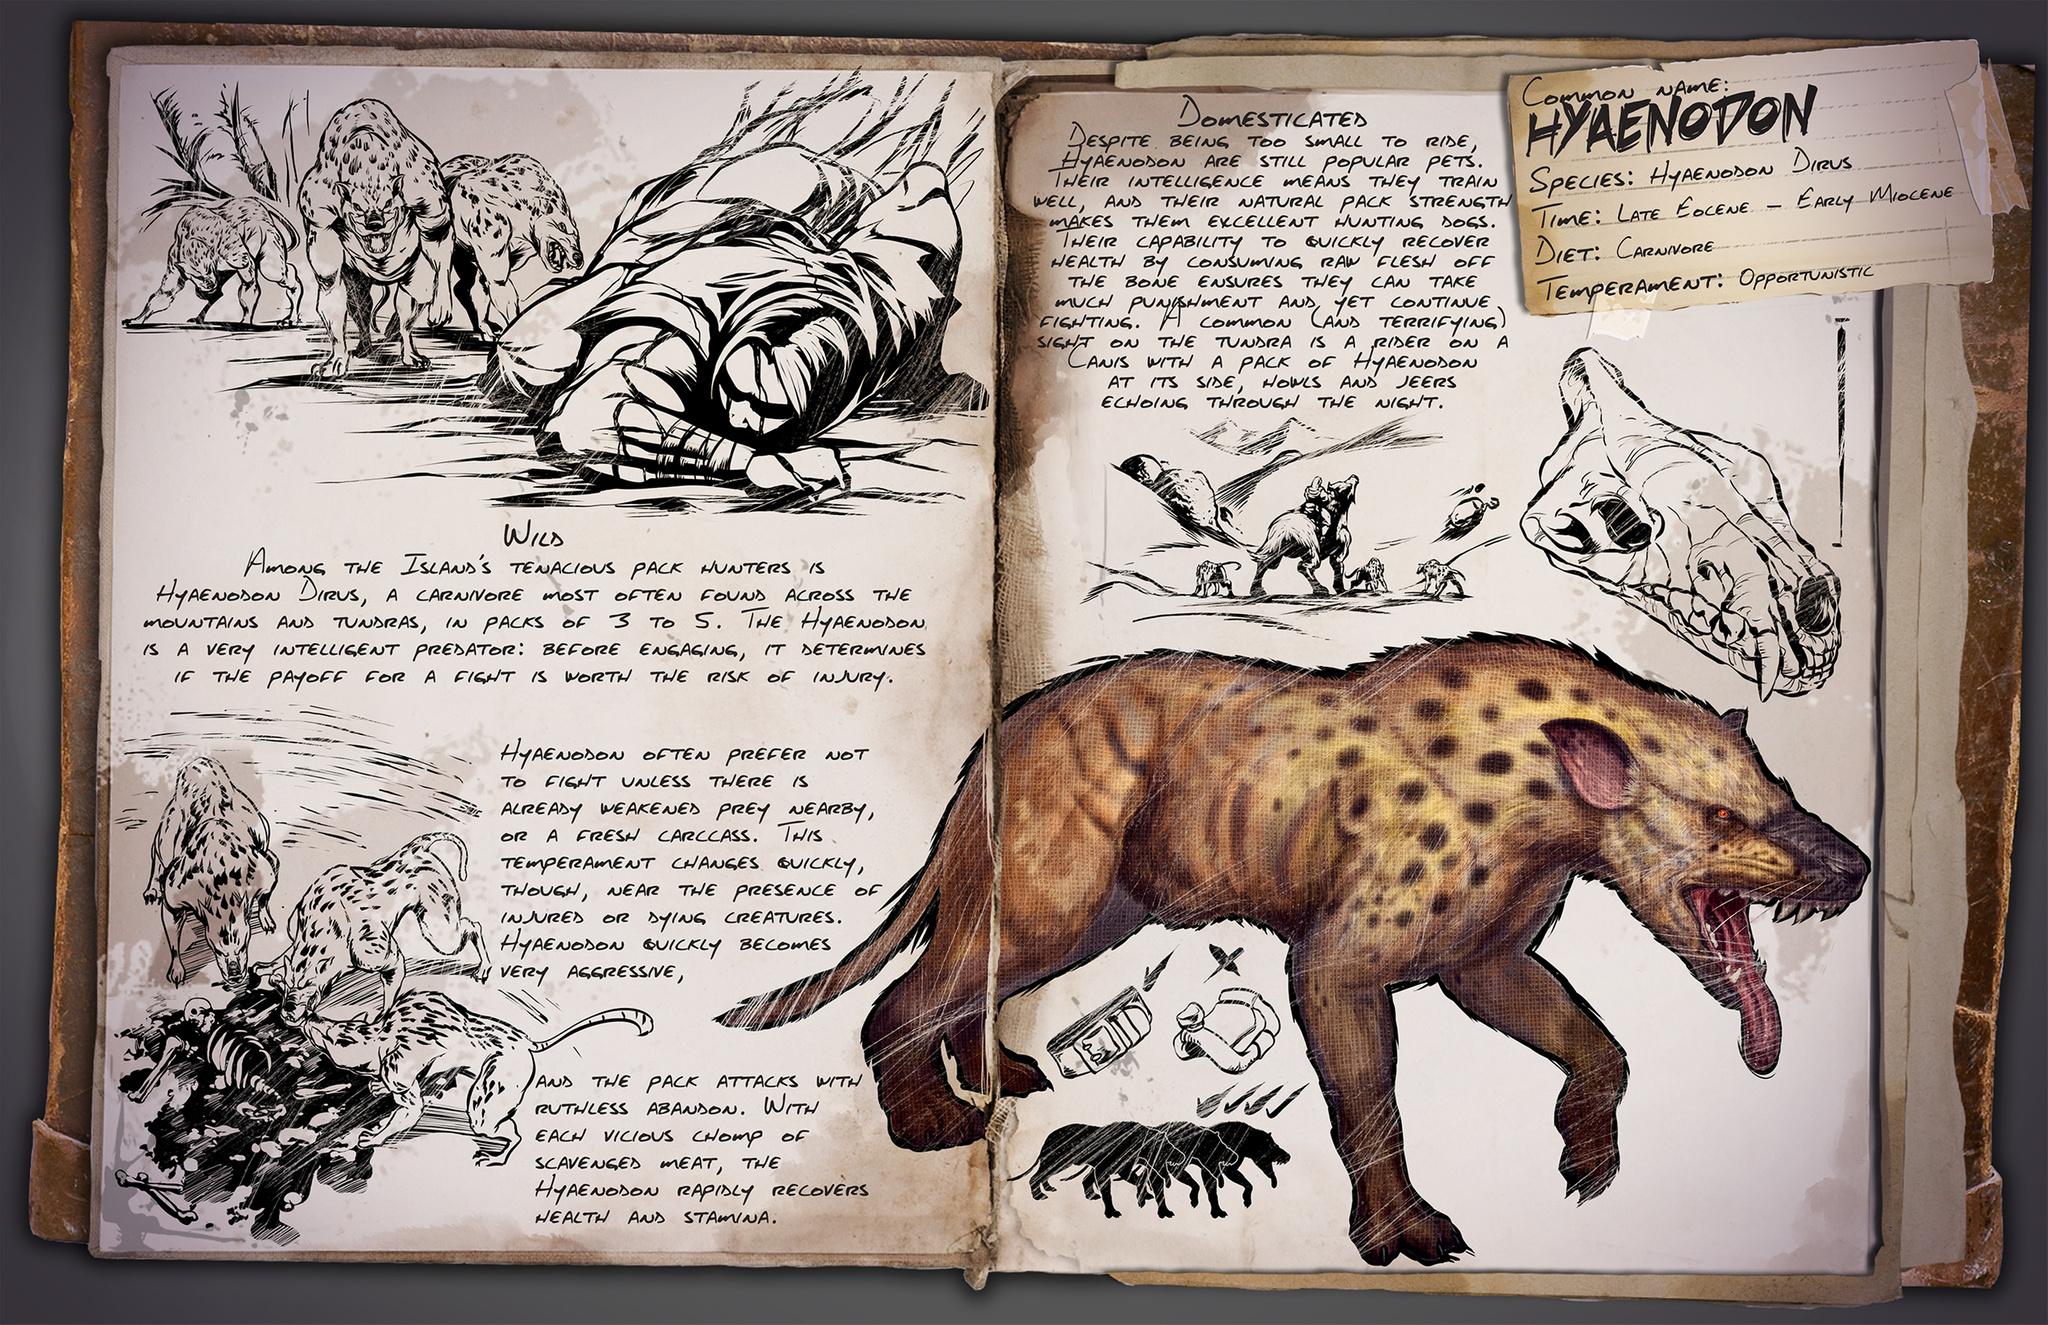 Deutsches Dino Dossier: Hyaenodon